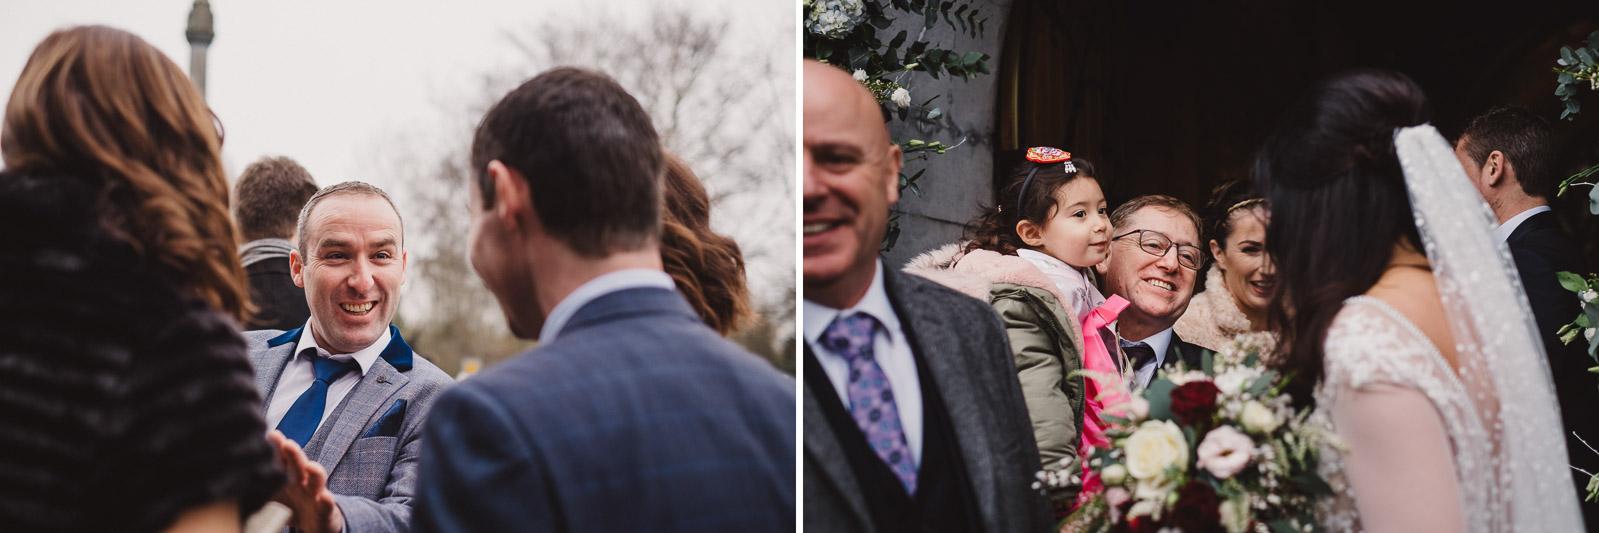 Adare_Manor_Wedding_Photos-68